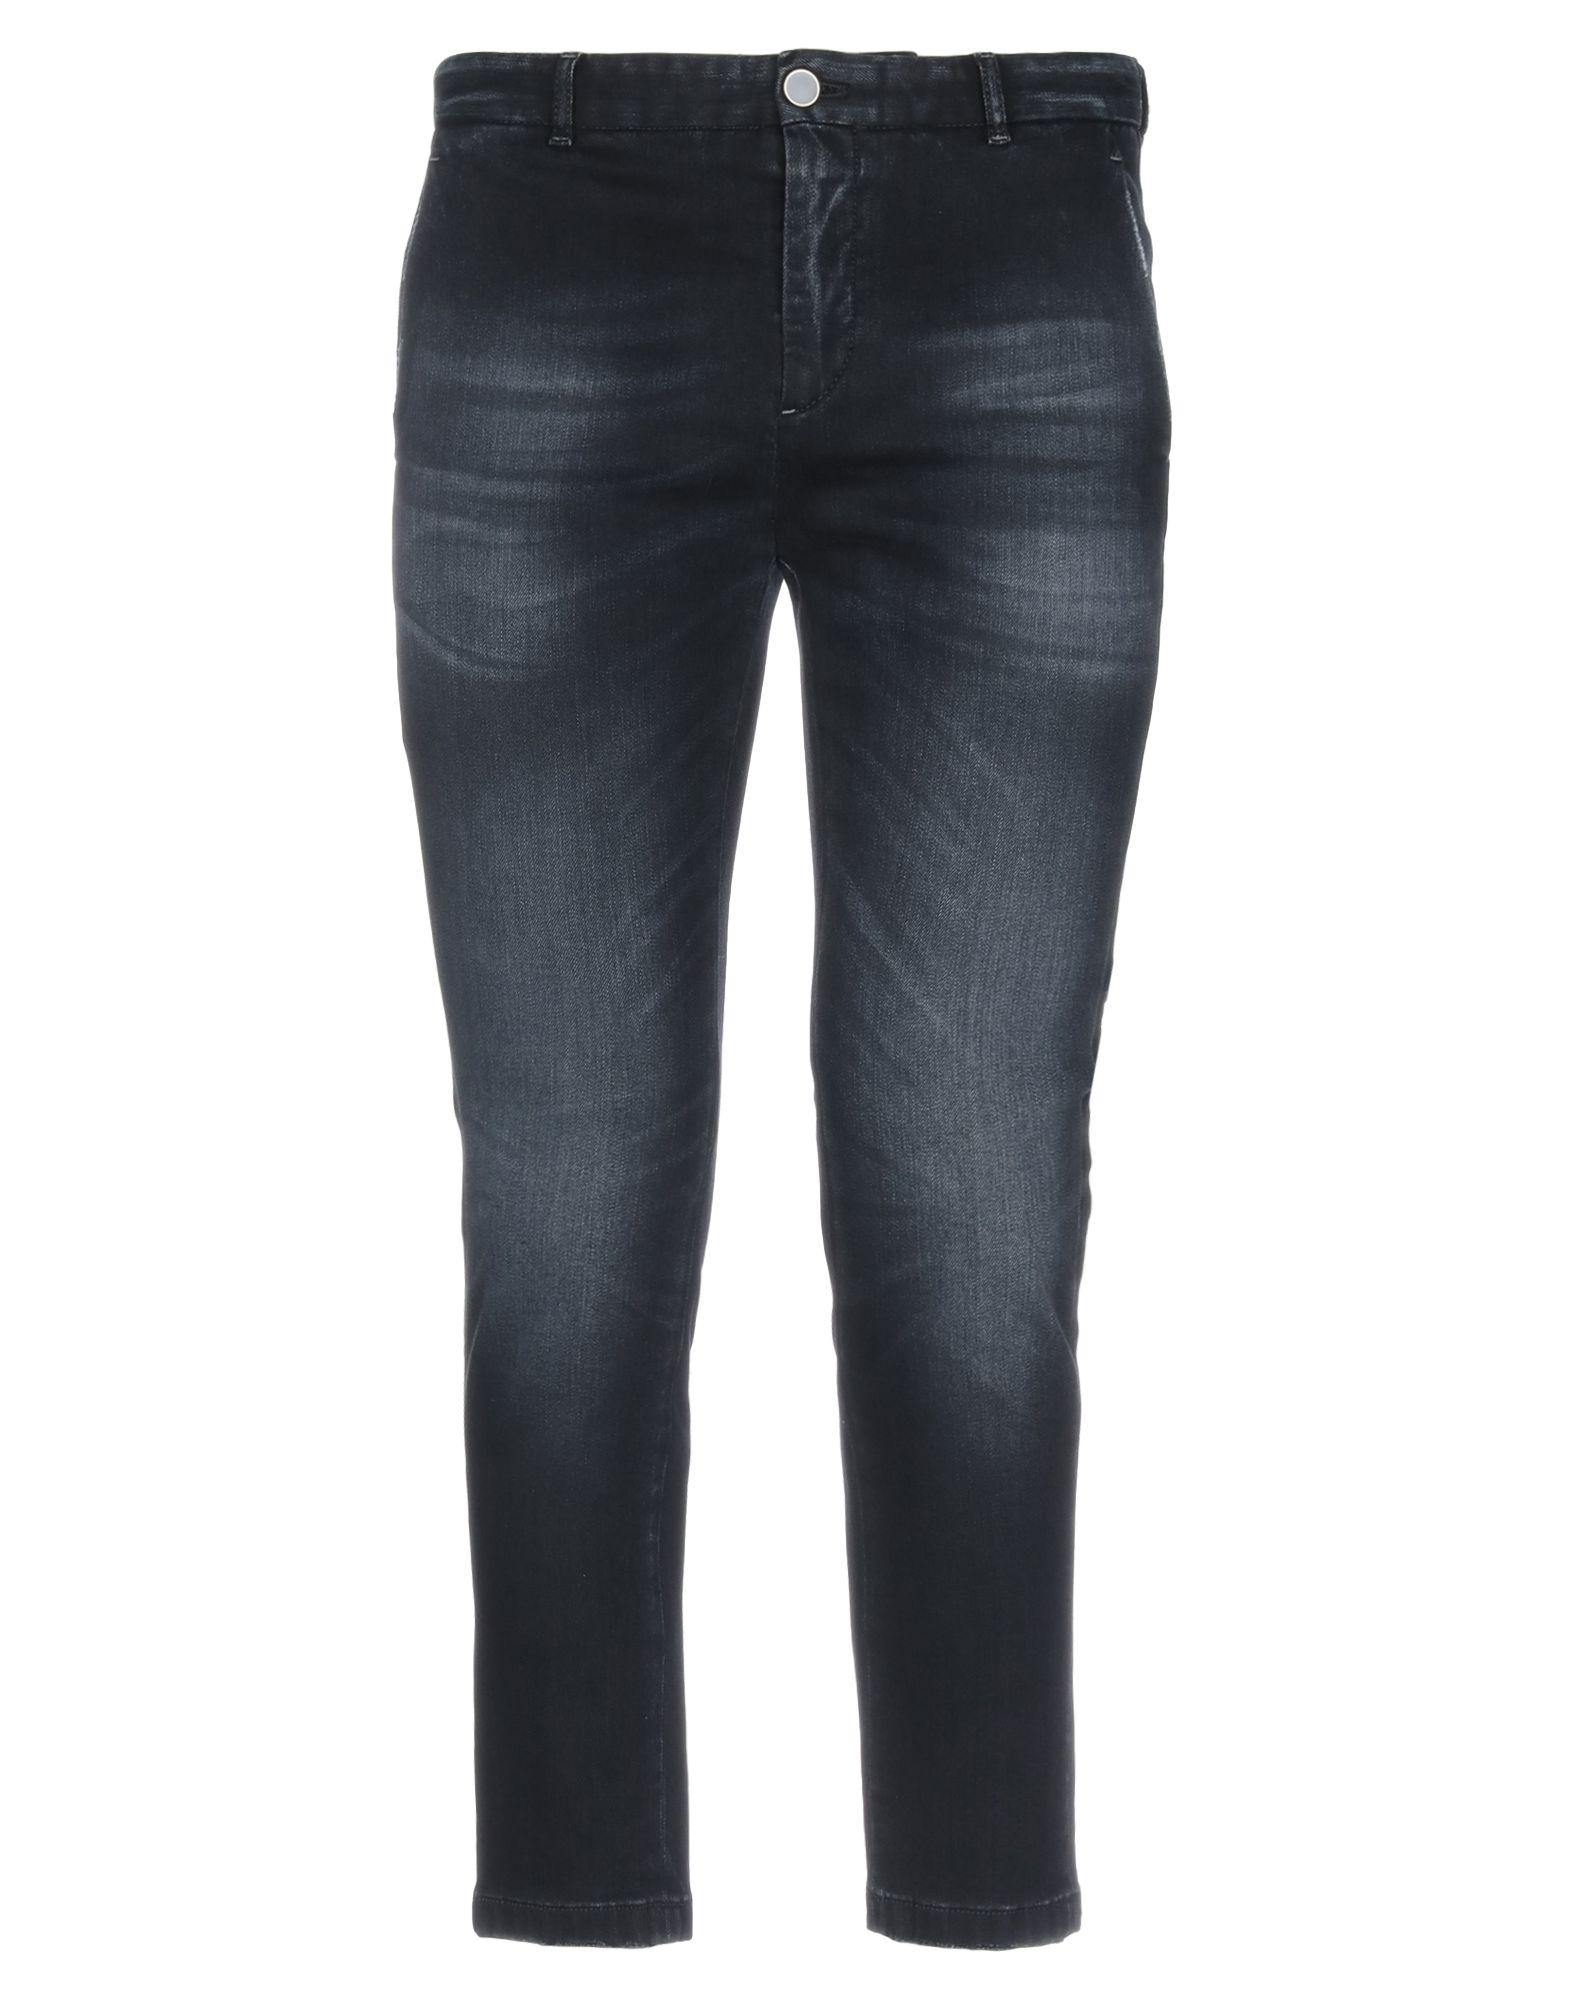 《セール開催中》PT Torino メンズ ジーンズ ブラック 32 コットン 57% / レーヨン 37% / エメリー 4% / ポリウレタン 2%